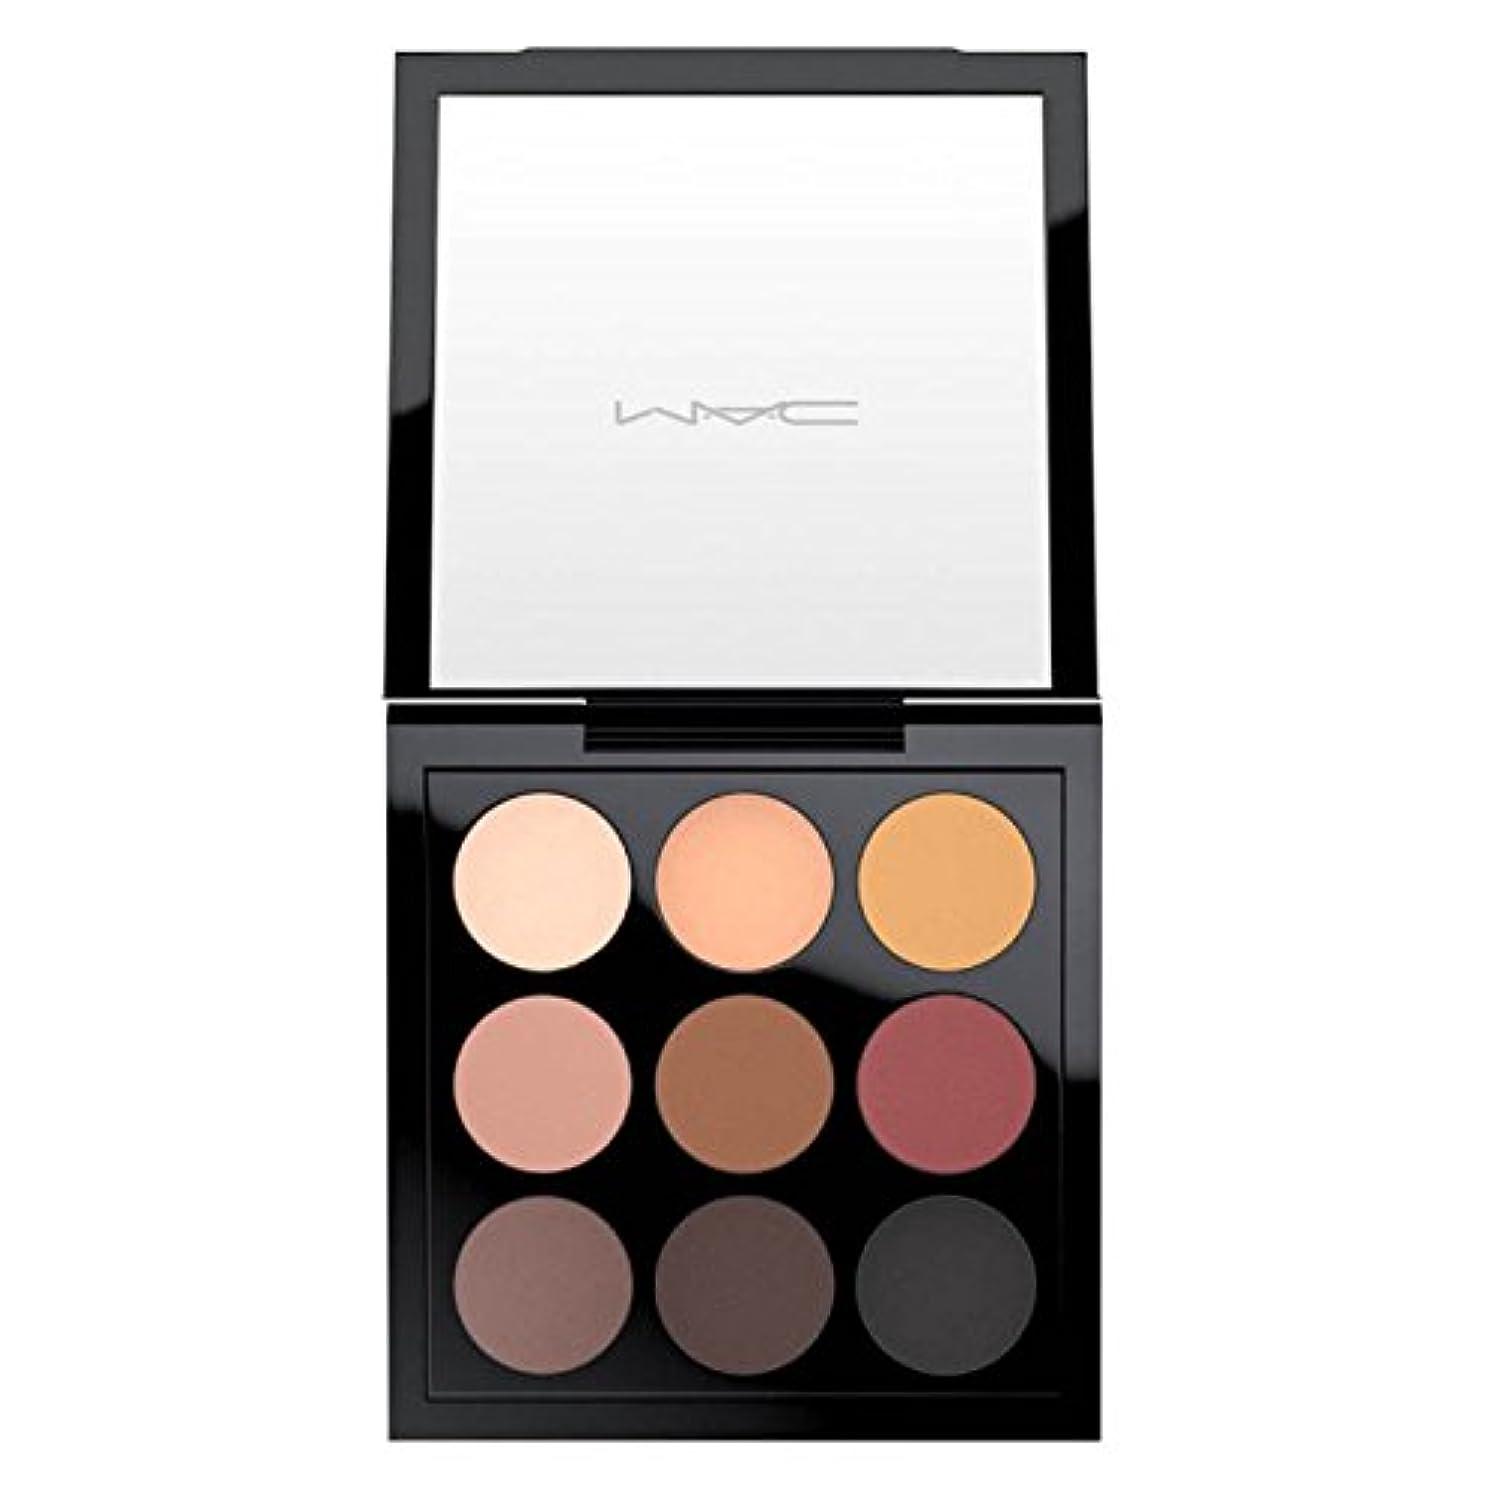 サーバ表面メーカーM.A.C ?マック, Semi-Sweet Times Nine Eyeshadow Palette セミスウィートタイムズナインアイシャドウパレット [海外直送品] [並行輸入品]